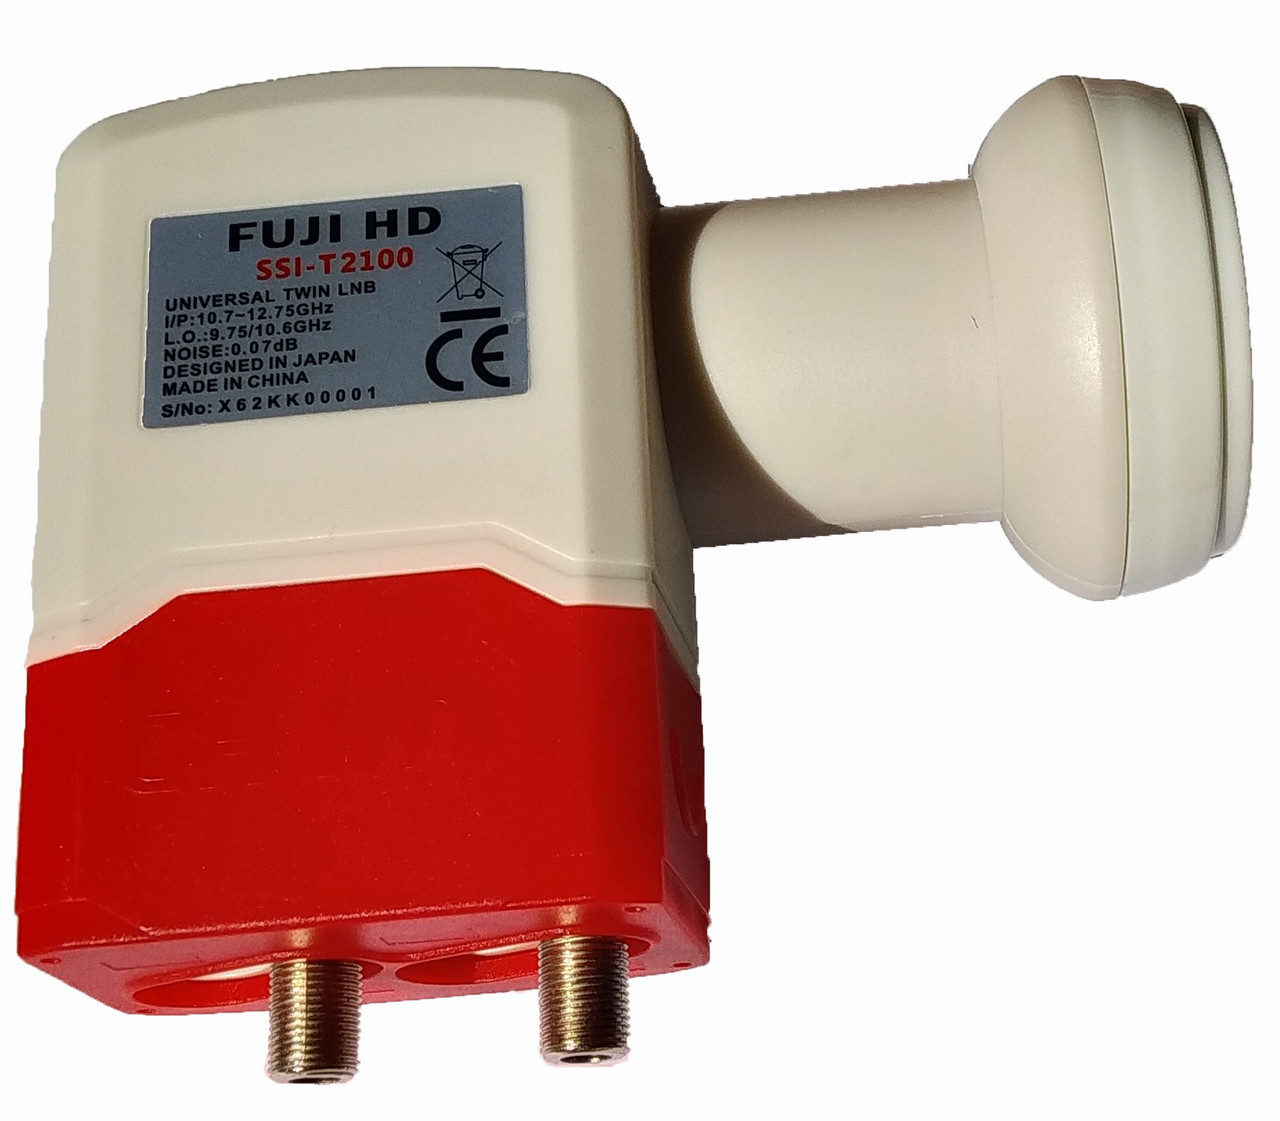 Конвертор универсальный 2 выход KU диапазона  Fuji HD  SSI - T2100